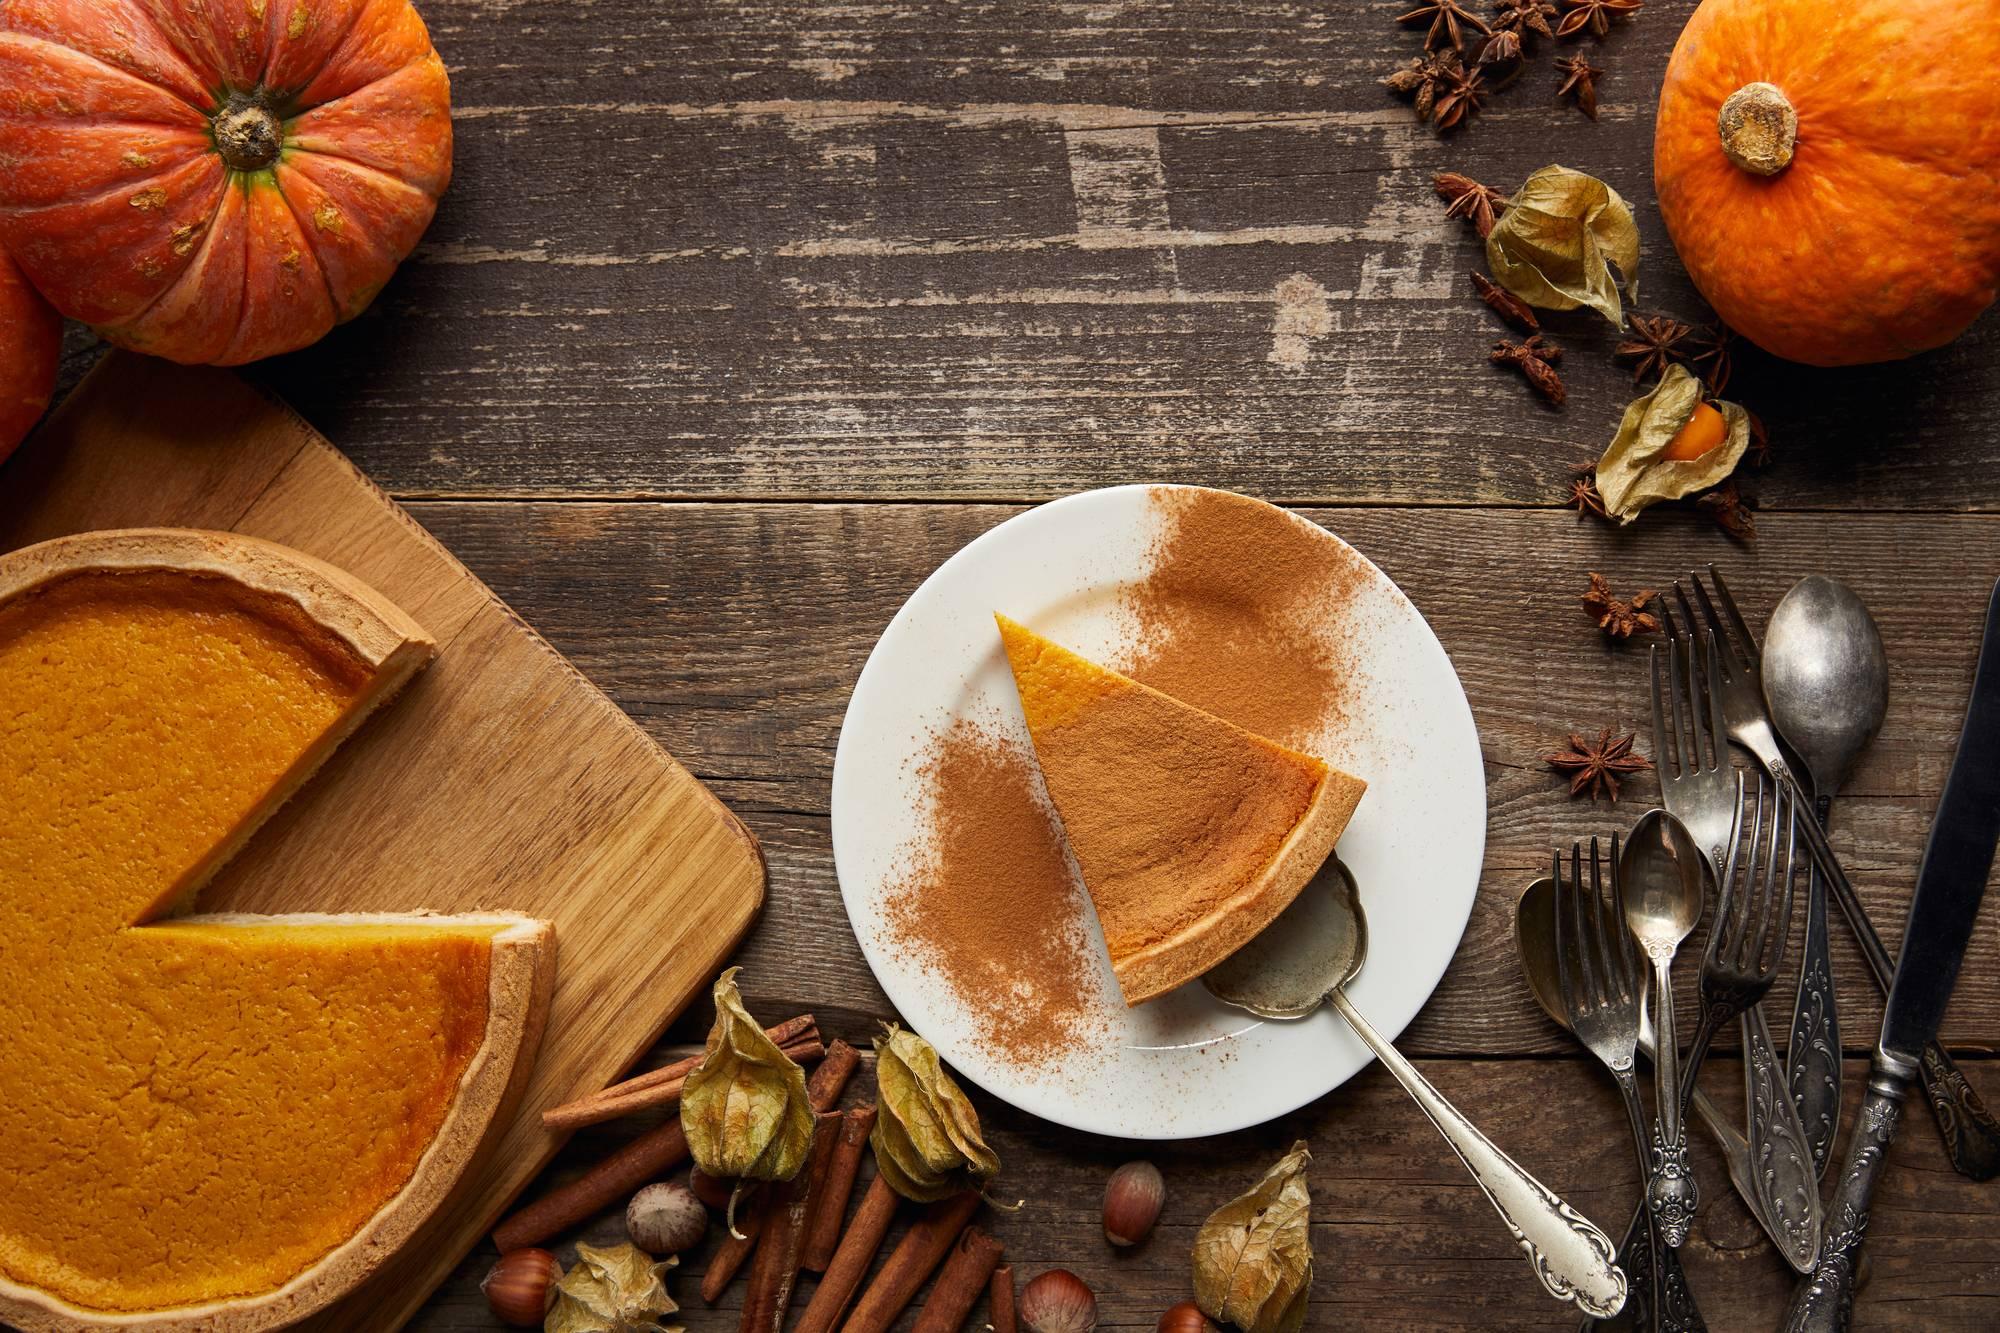 Вкусные десерты из тыквы за 6 минут — конфеты осенью не покупаю